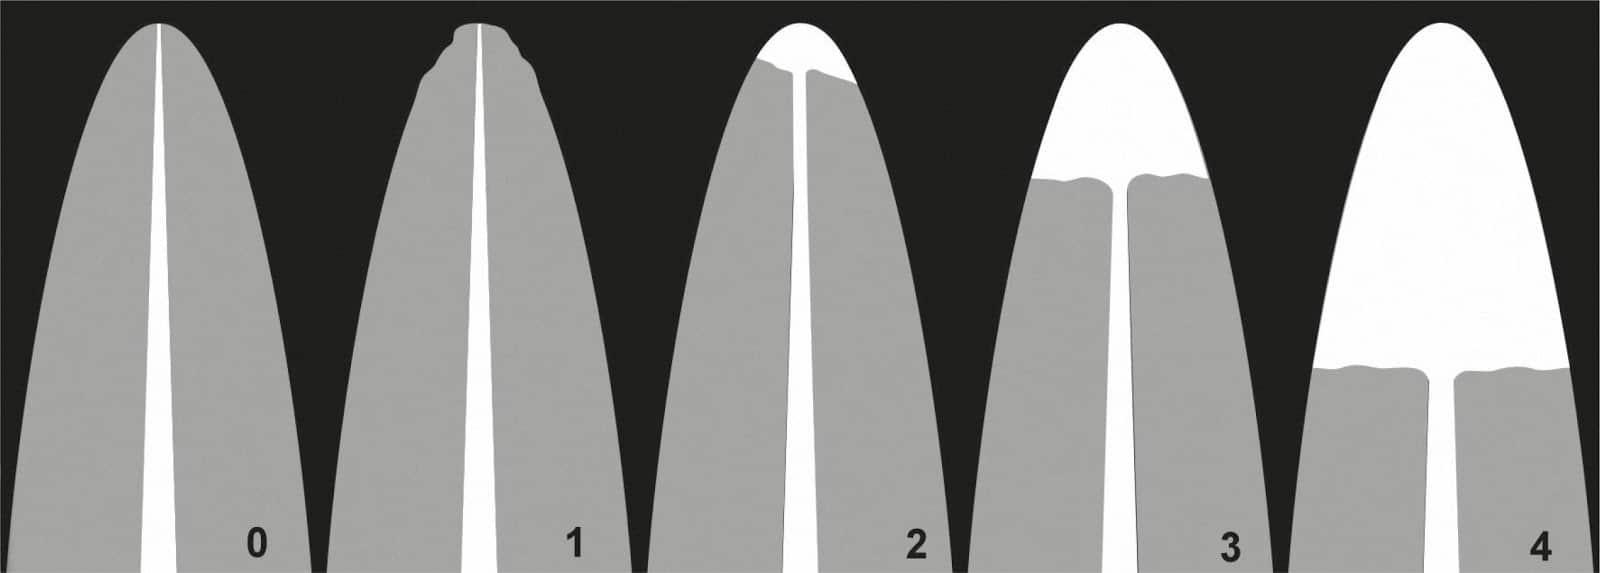 Reabsorciones radiculares o acortamiento de las raíces en los tratamientos de ortodoncia 3